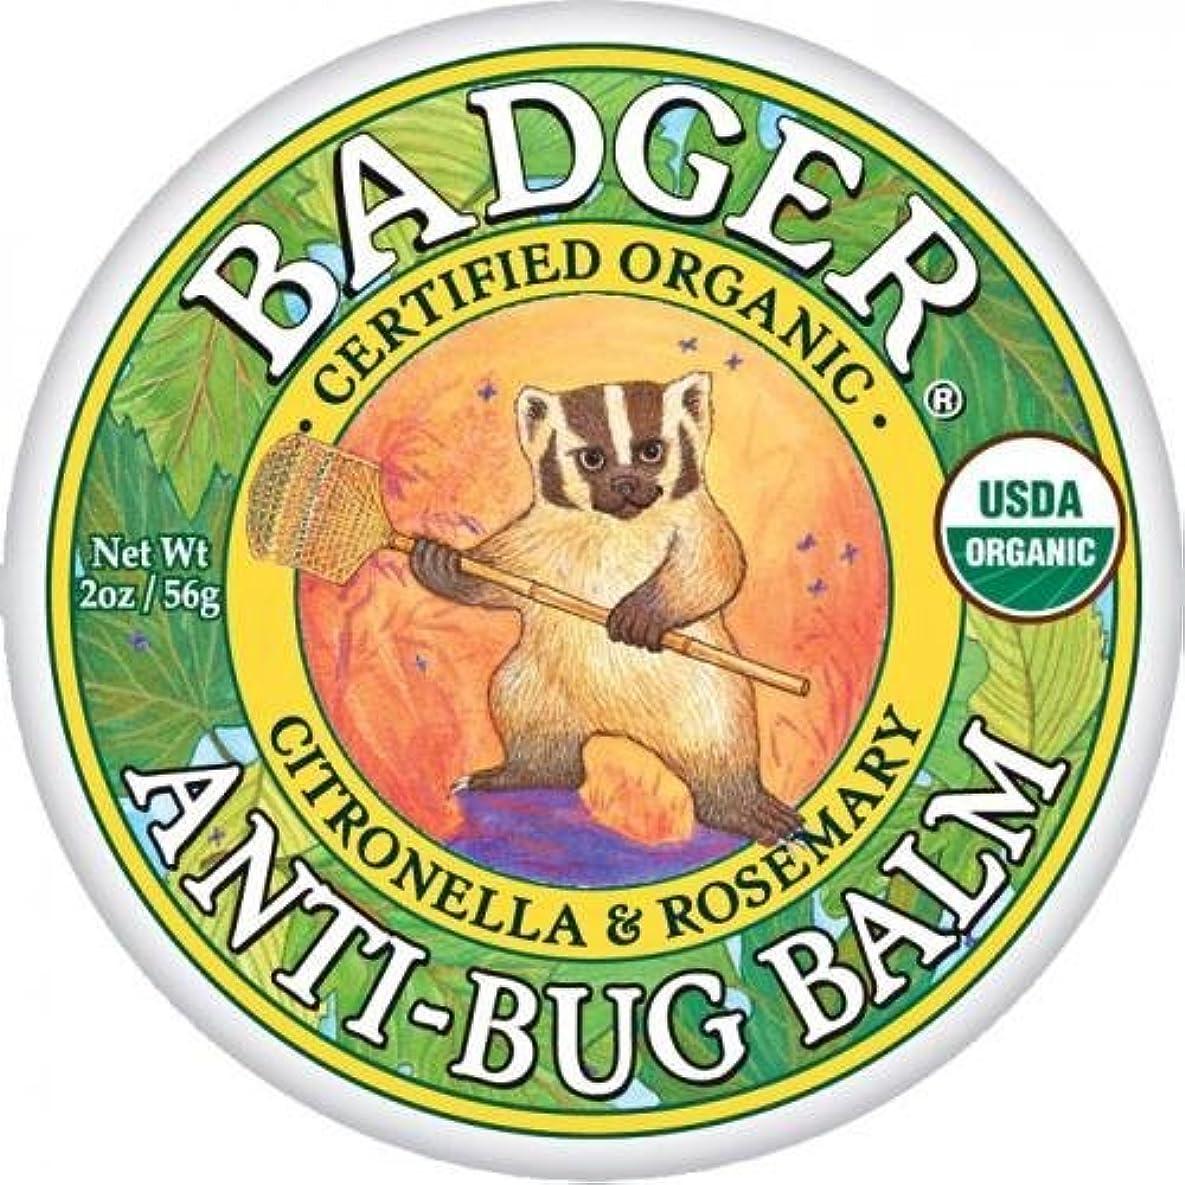 完璧な過度に達成するBadger バジャー オーガニック虫よけクリーム【大サイズ】 56g【海外直送品】【並行輸入品】